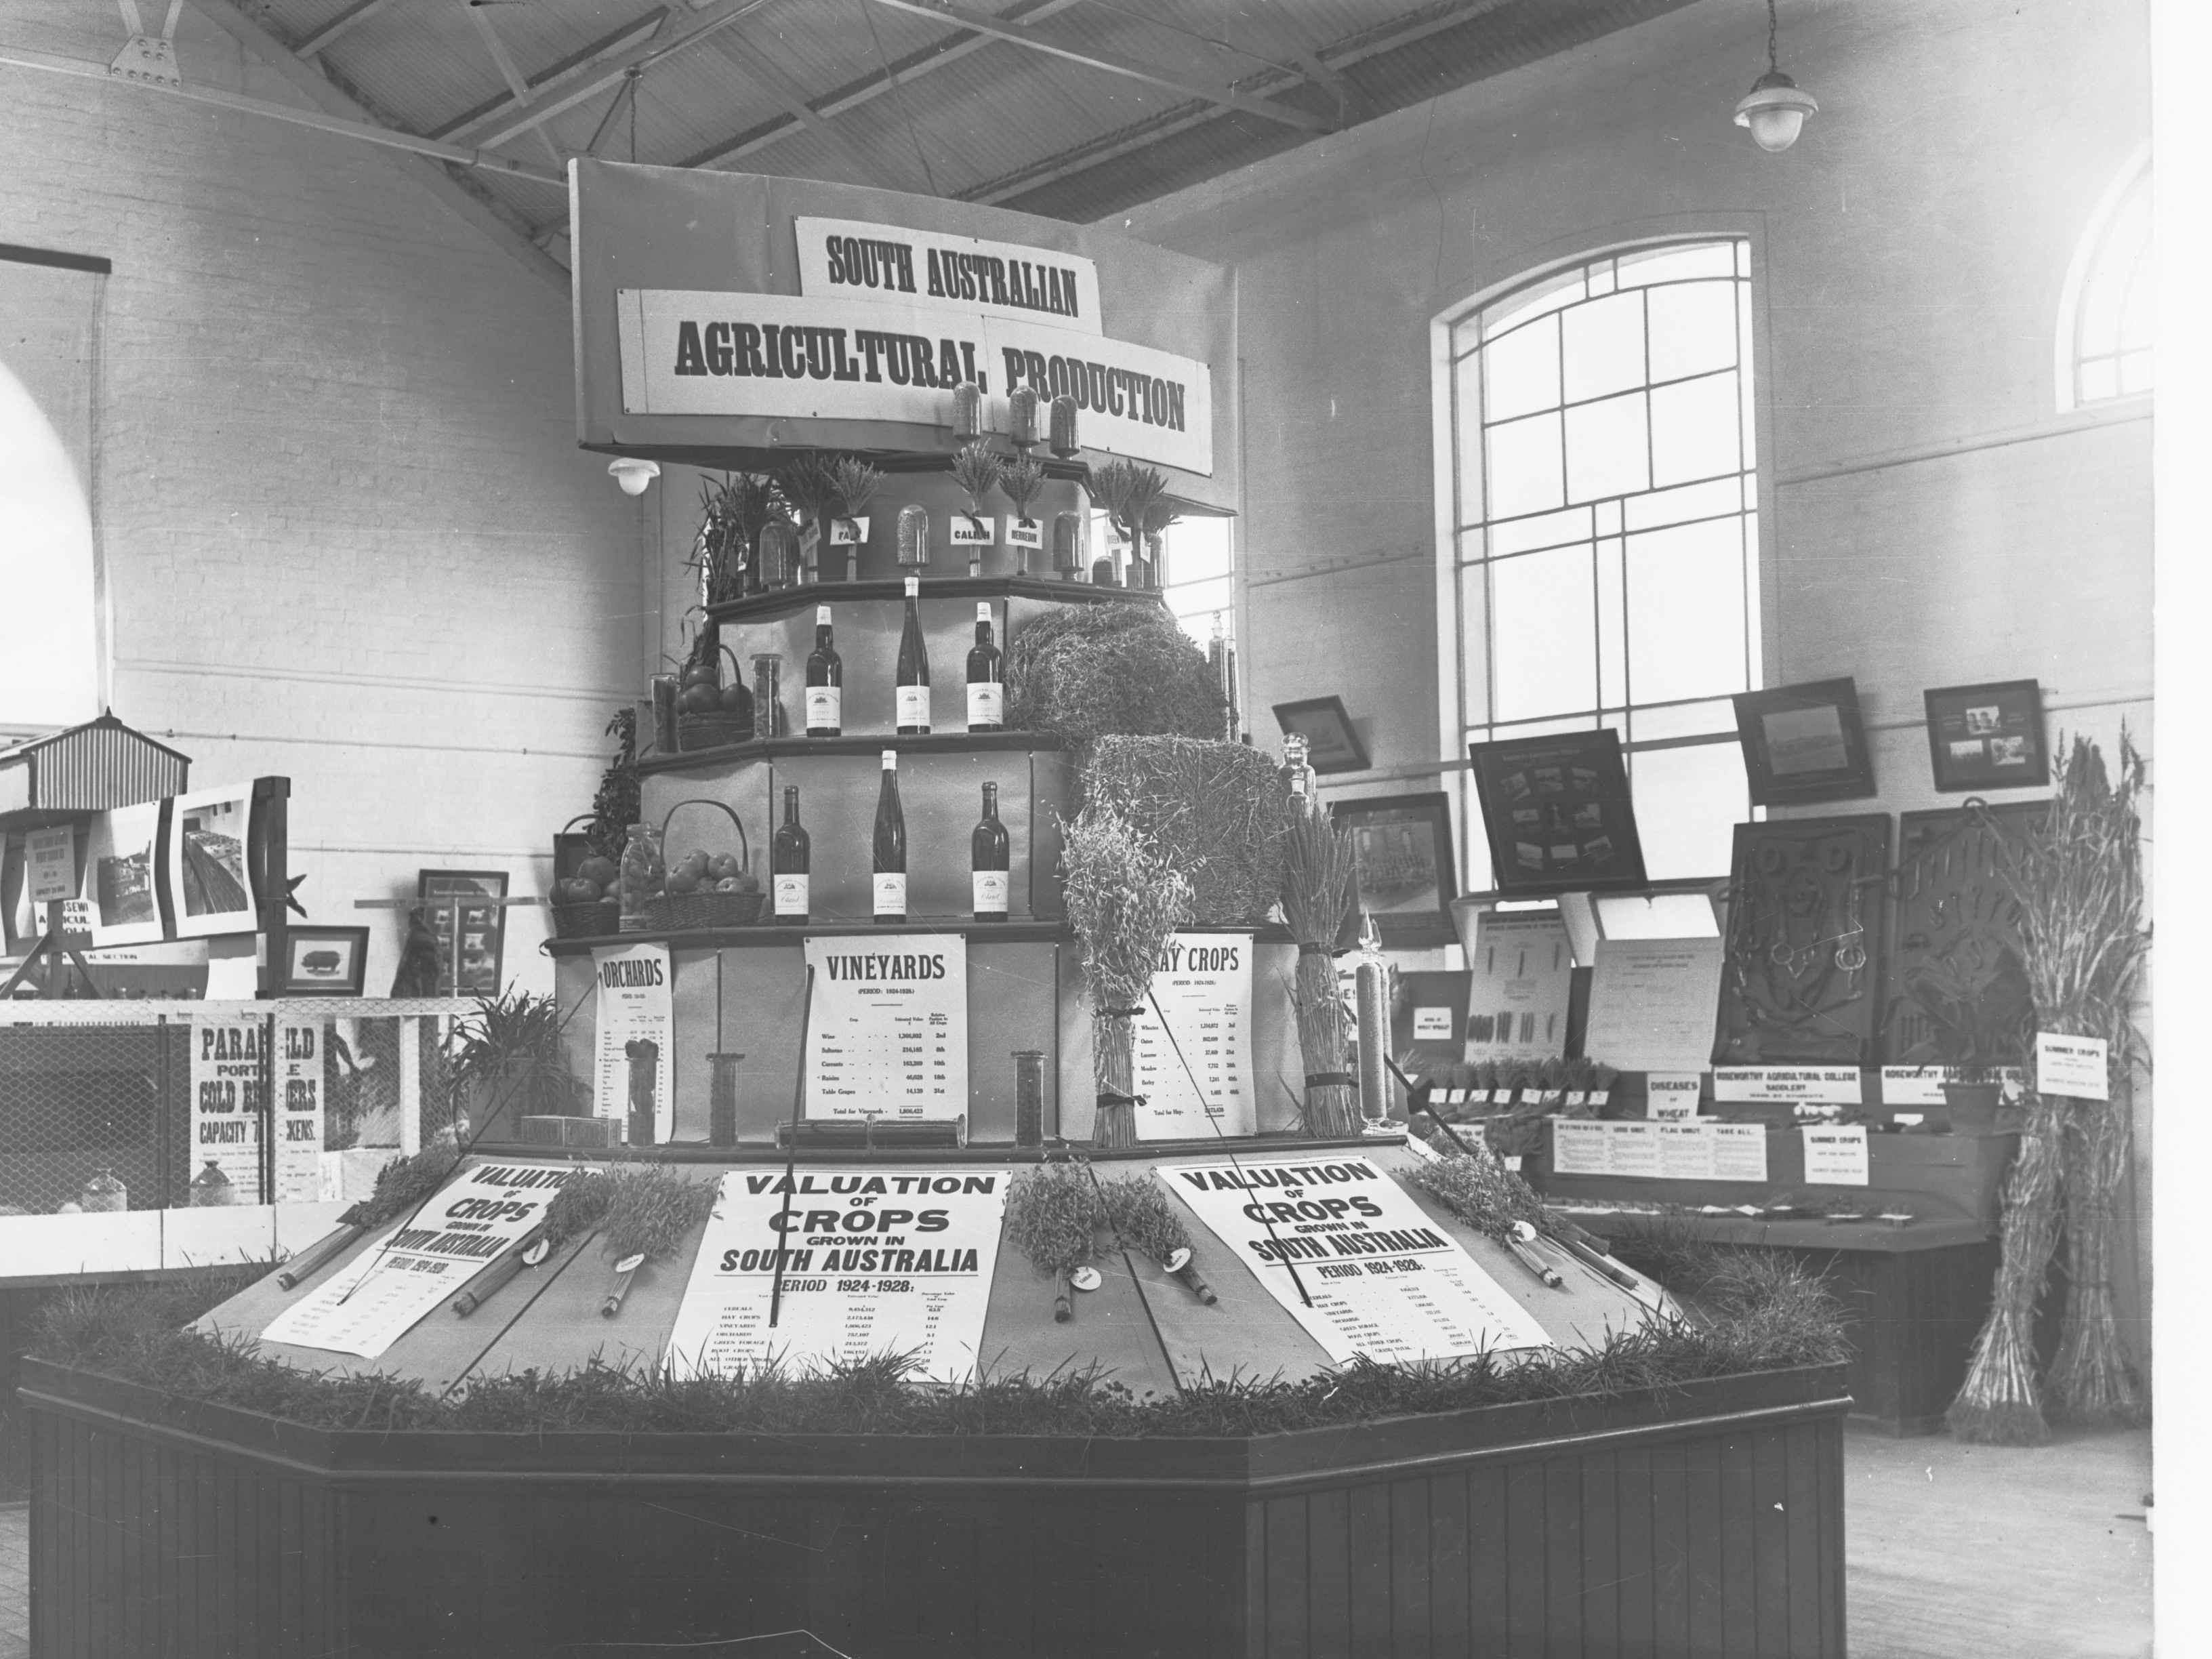 Exhibition Displays Adelaide : Royal adelaide show sa history hub